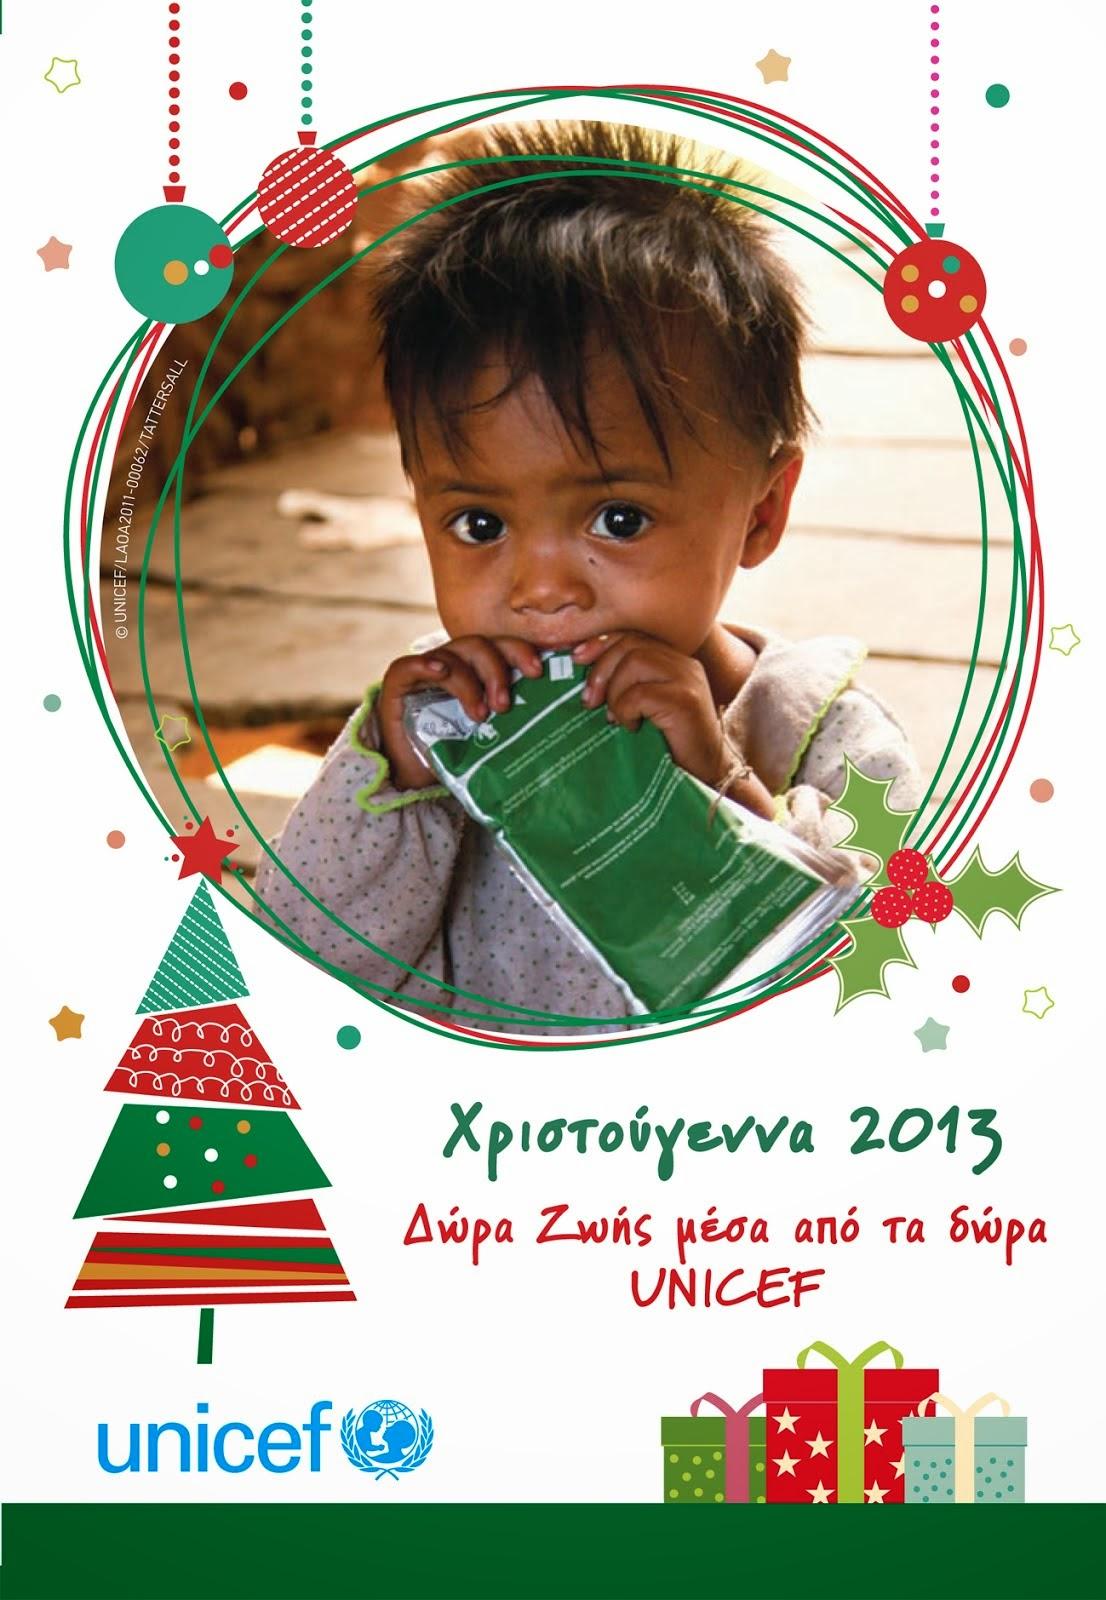 Δώρα Ζωής μέσα στις Κάρτες UNICEF